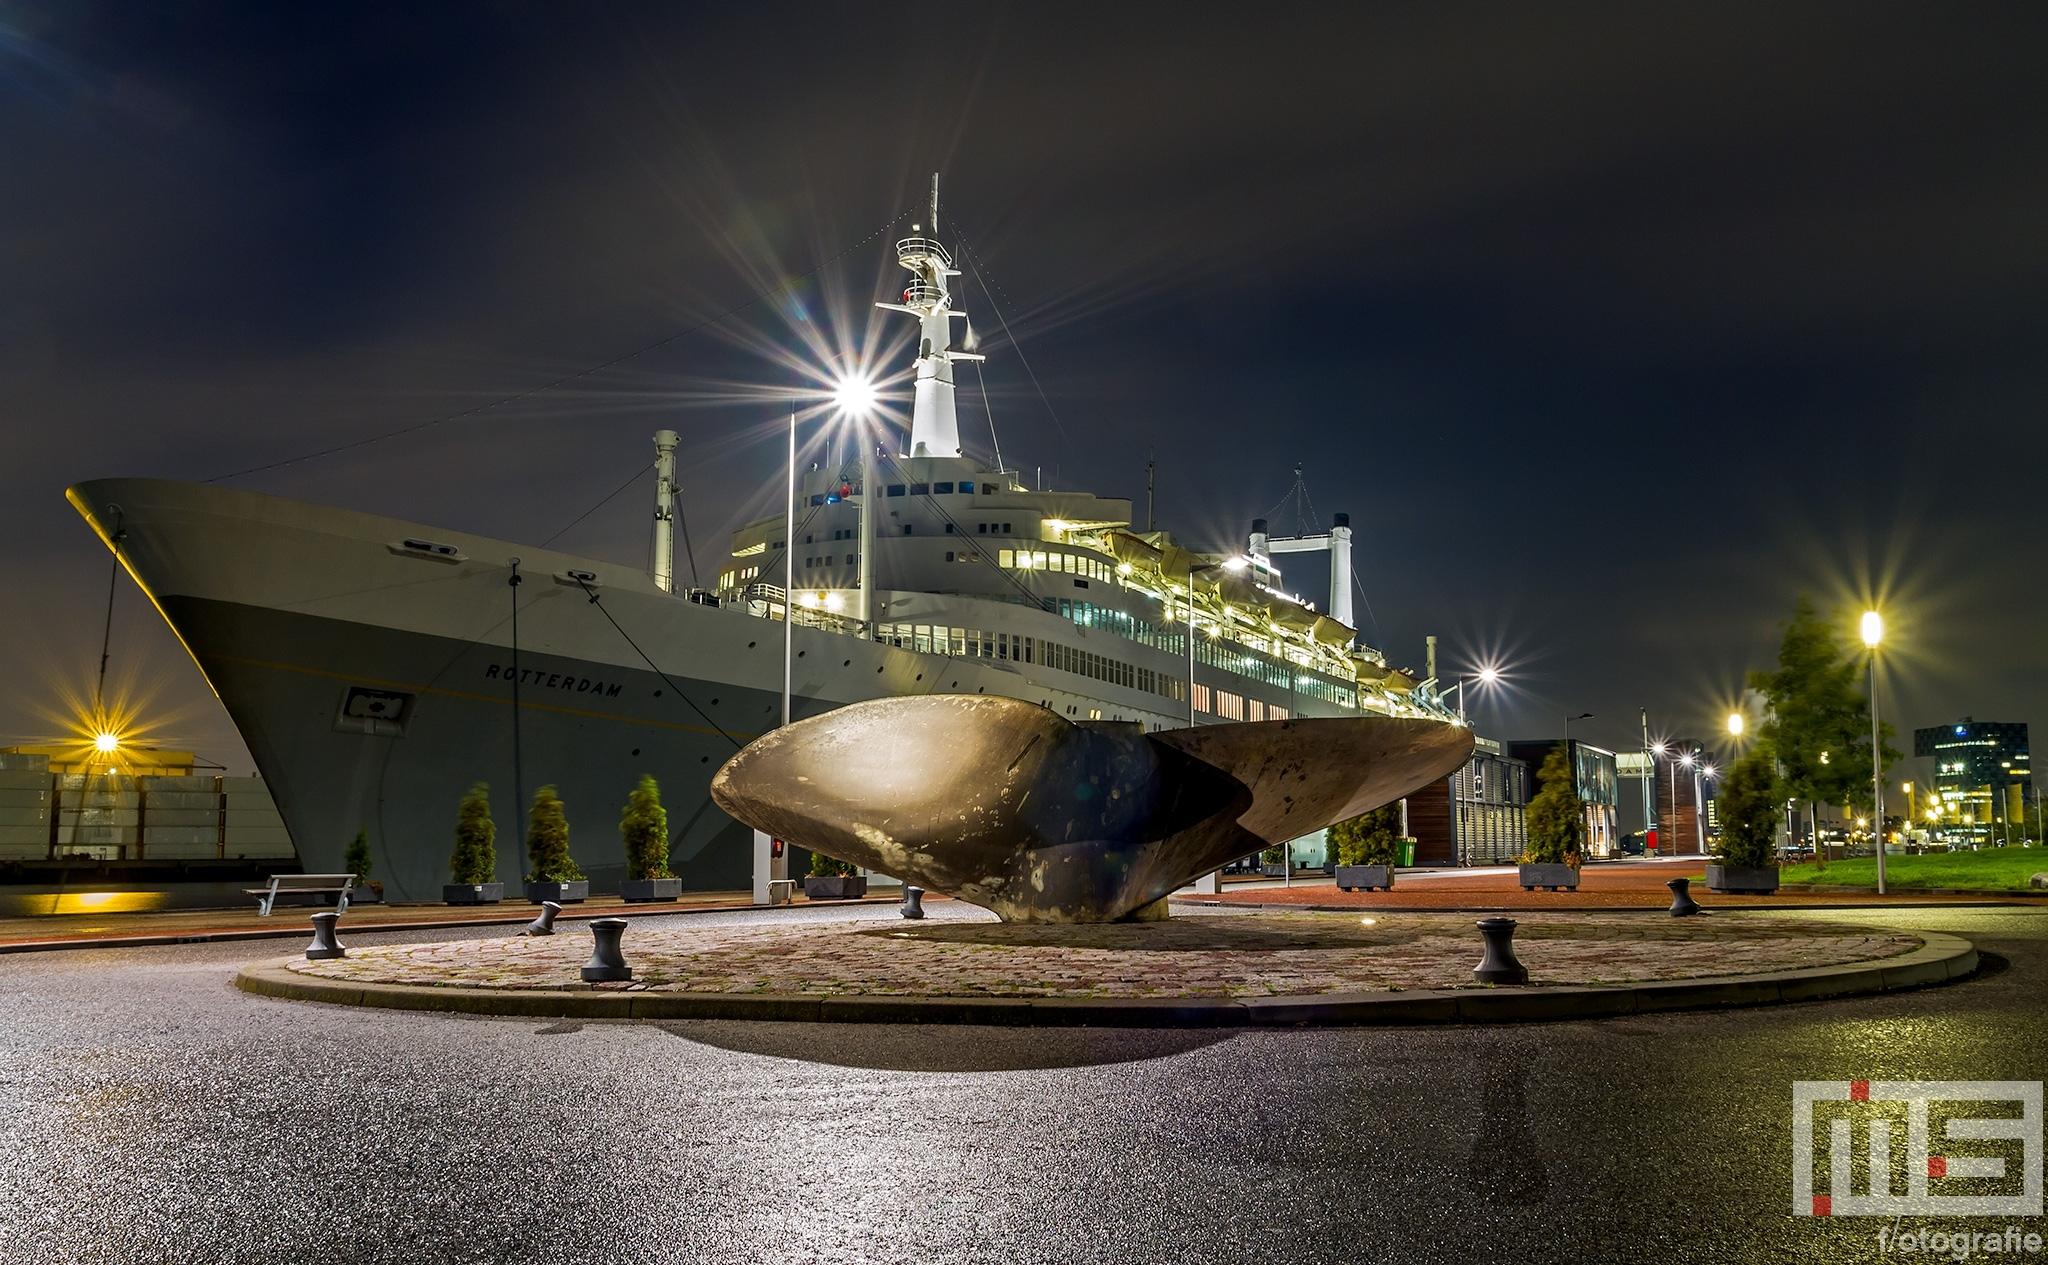 Te Koop | Het cruiseschip ss Rotterdam in Rotterdam Katendrecht in de avonduren